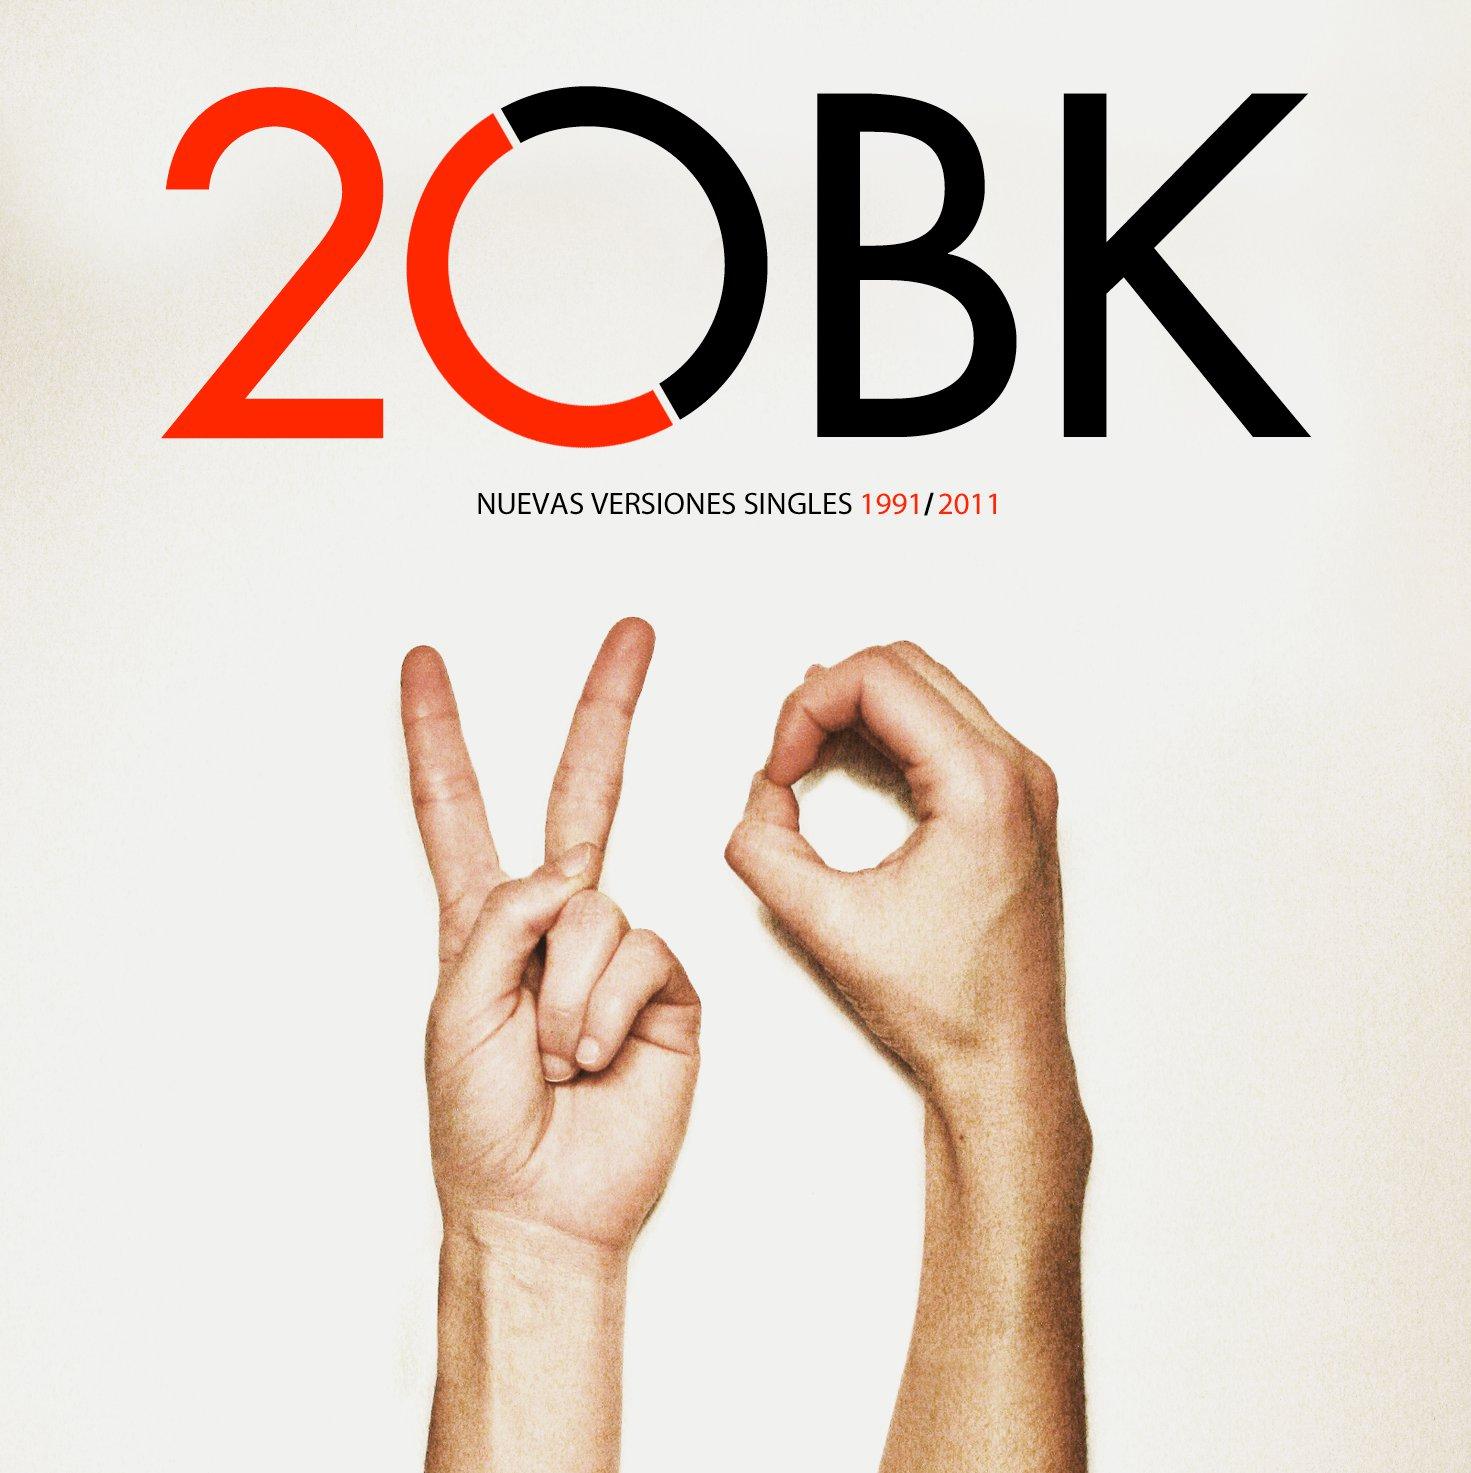 2OBK: Nuevas versiones singles 1991-2011 (Deluxe edition))